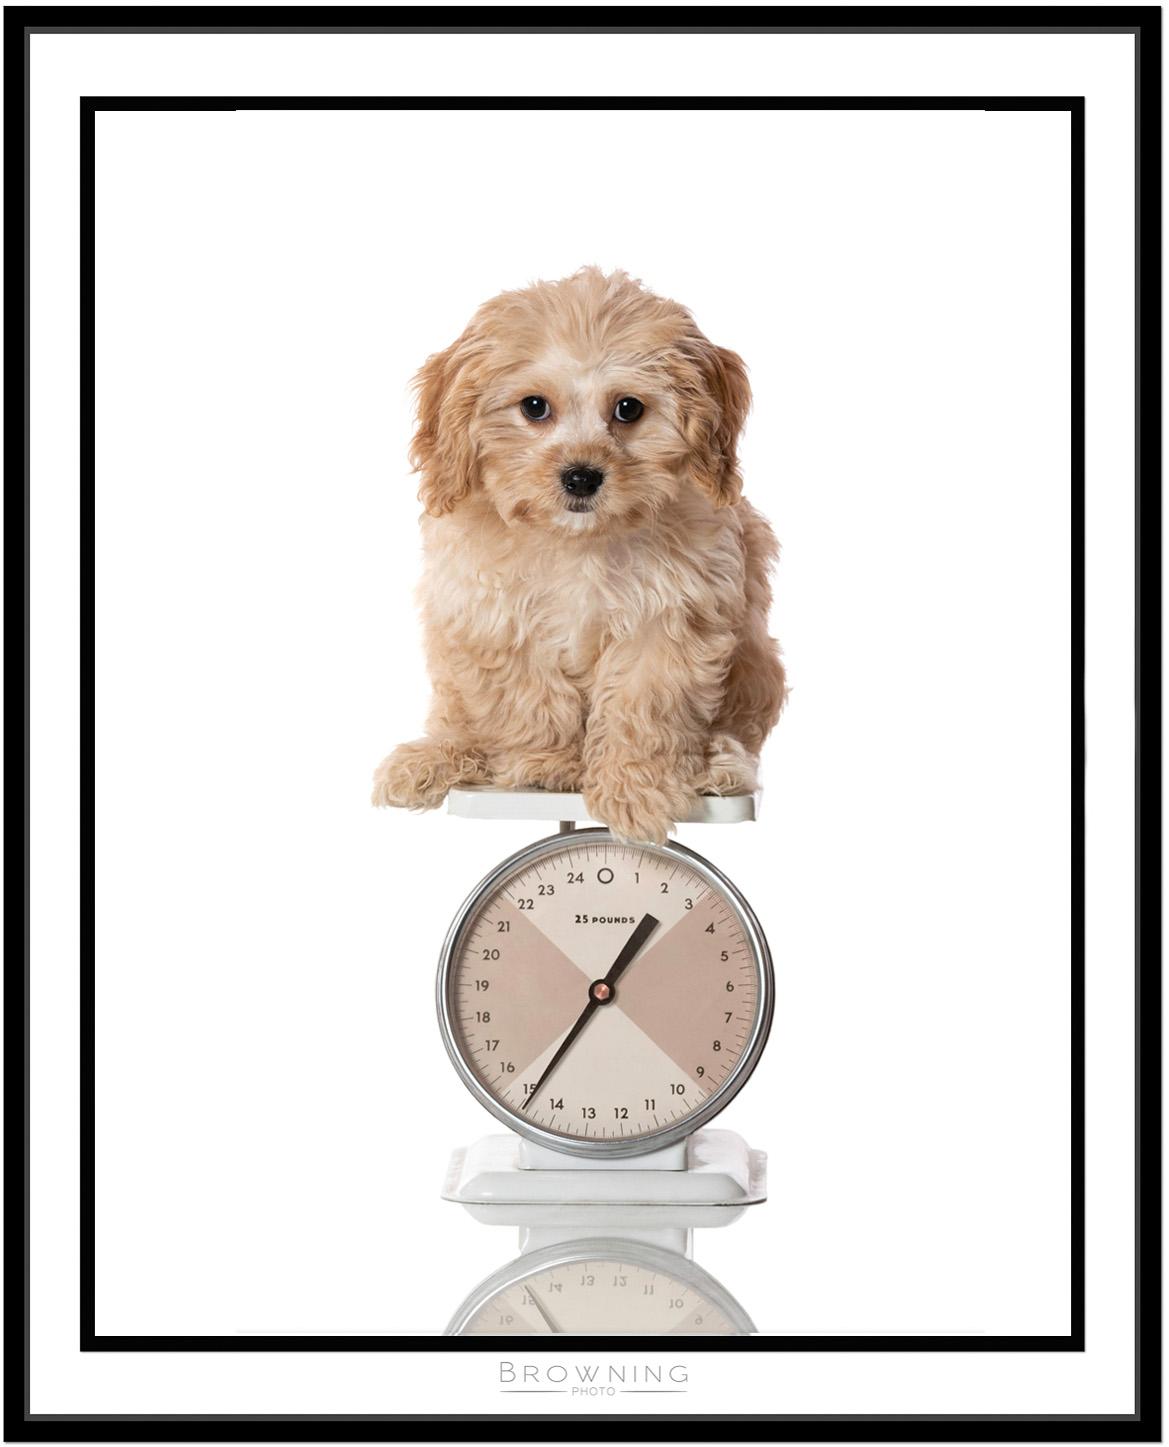 website puppy framed 1500 tall.jpg